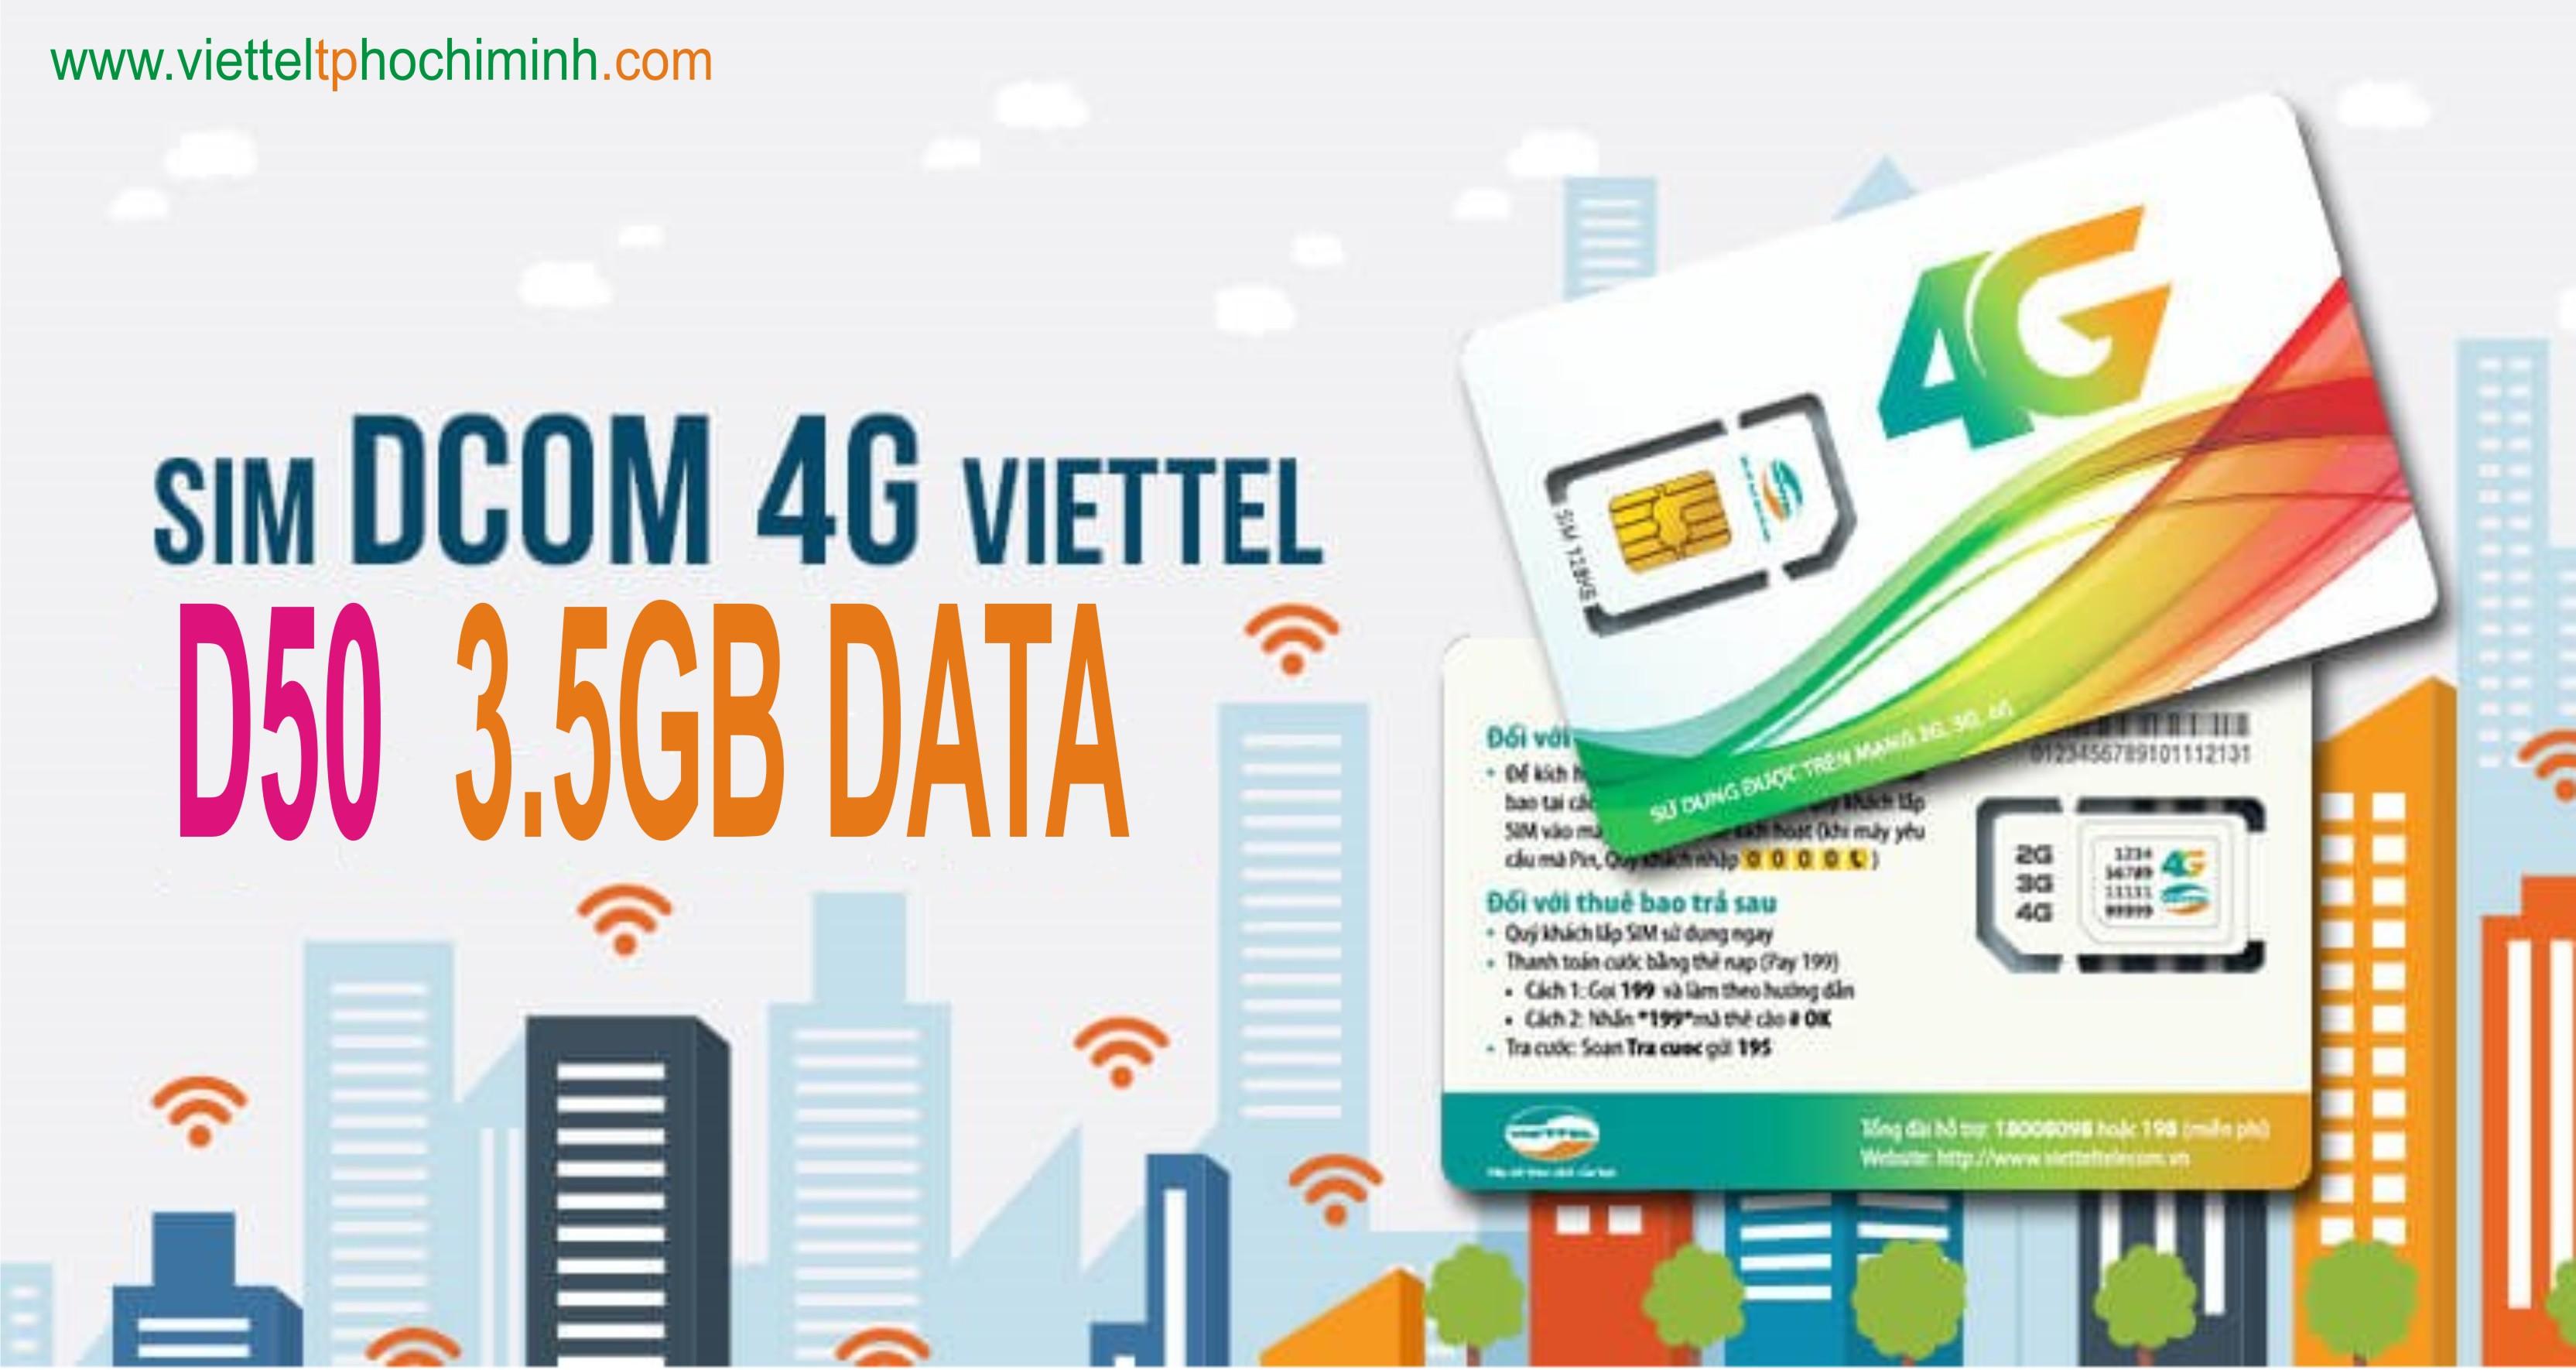 Các gói cước Dcom 3G Viettel 30 ngày ưu đãi.